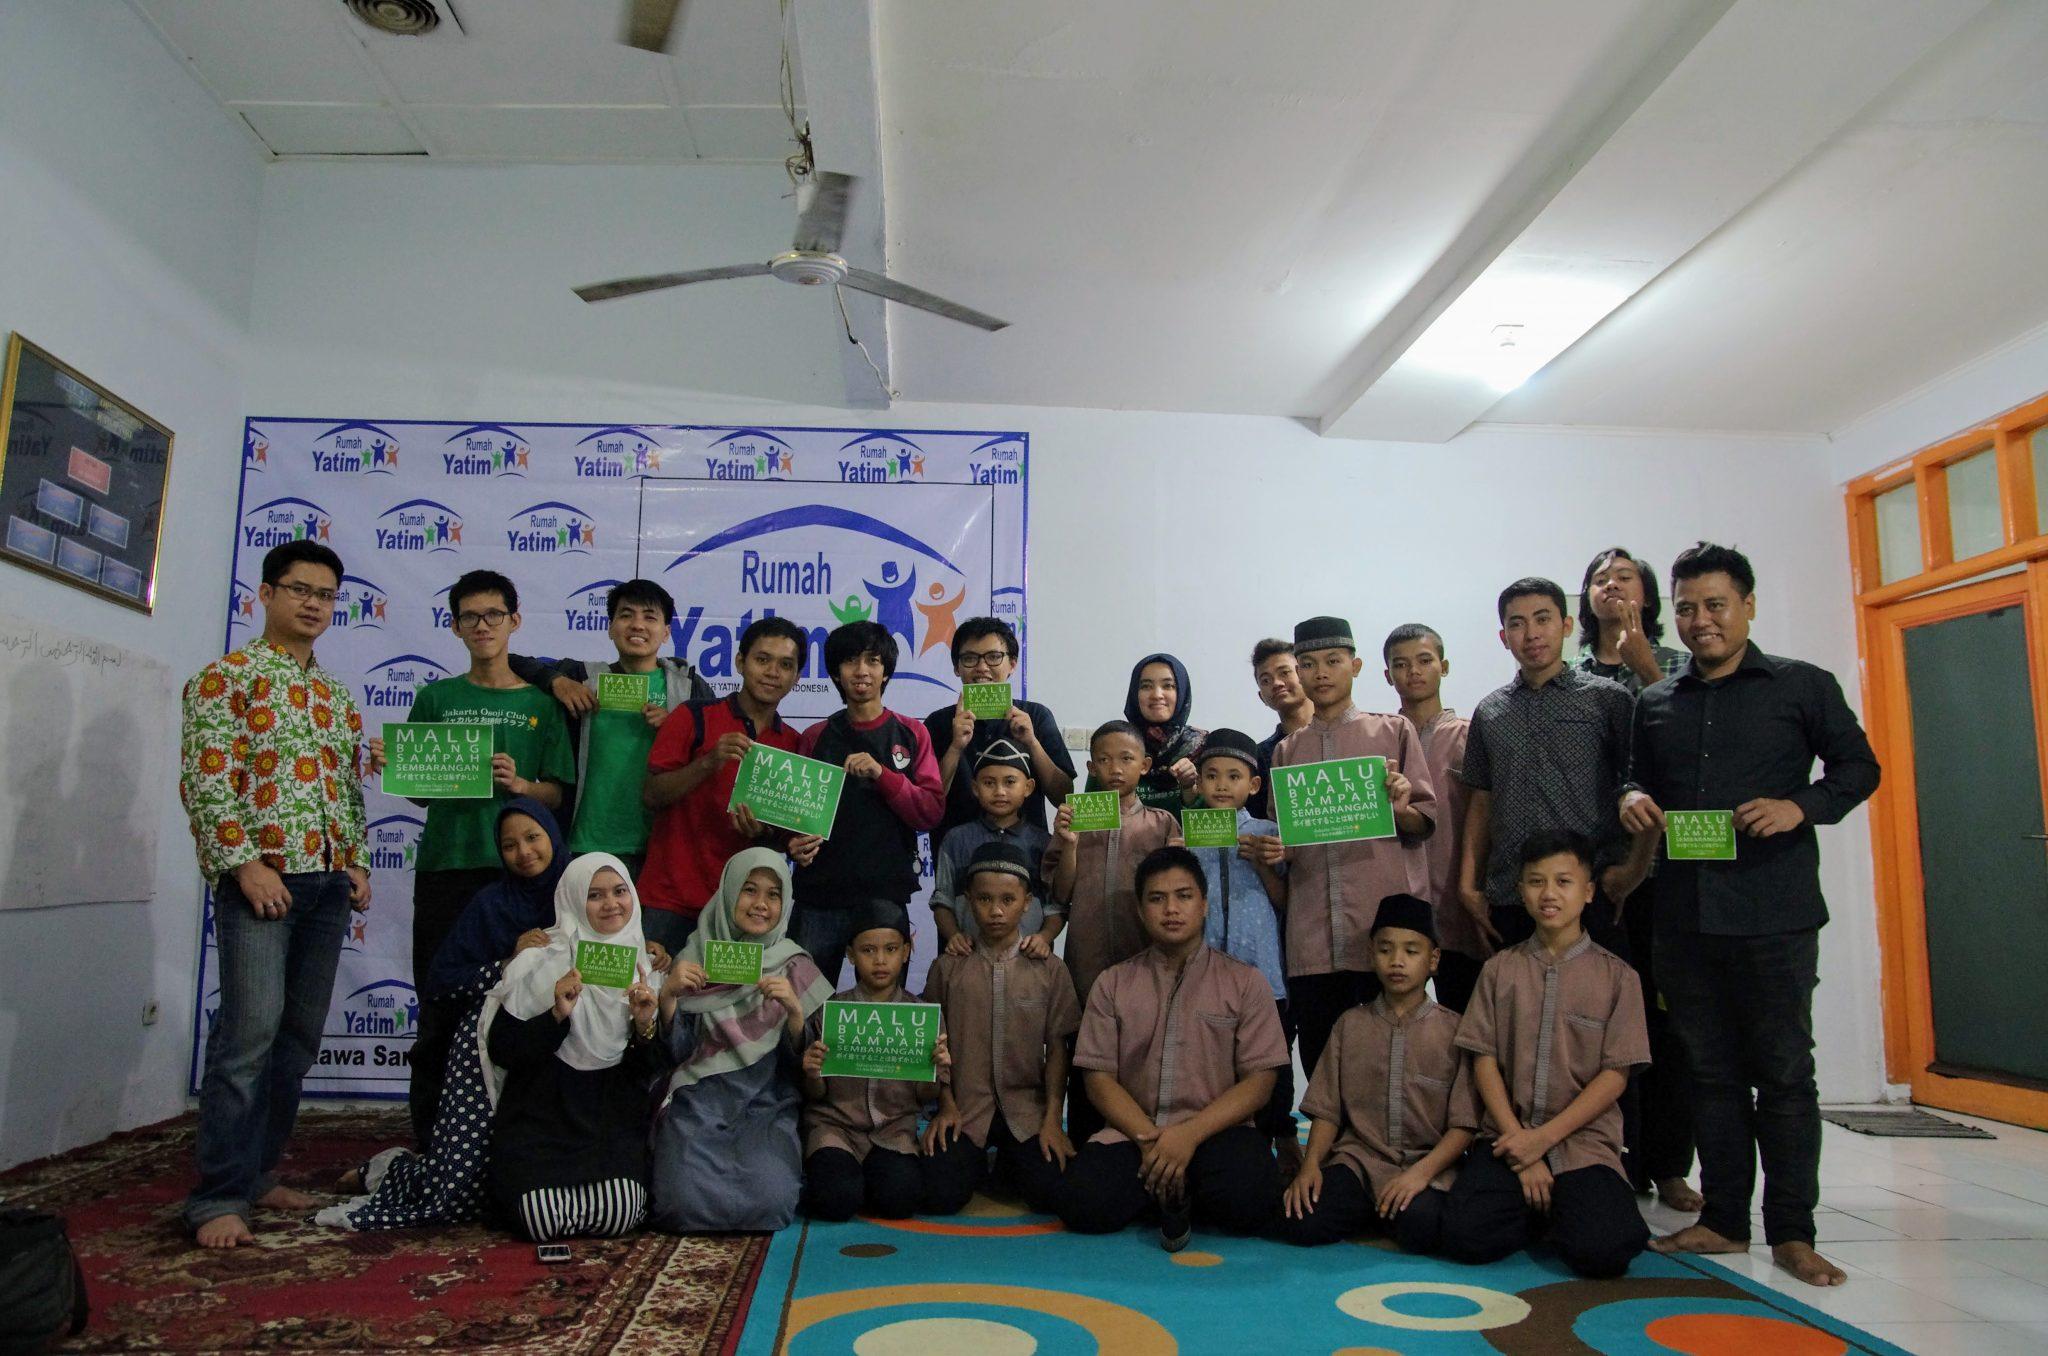 Photo bersama adik-adik panti dengan Jakarta Osoji Club dan Wisata Panti